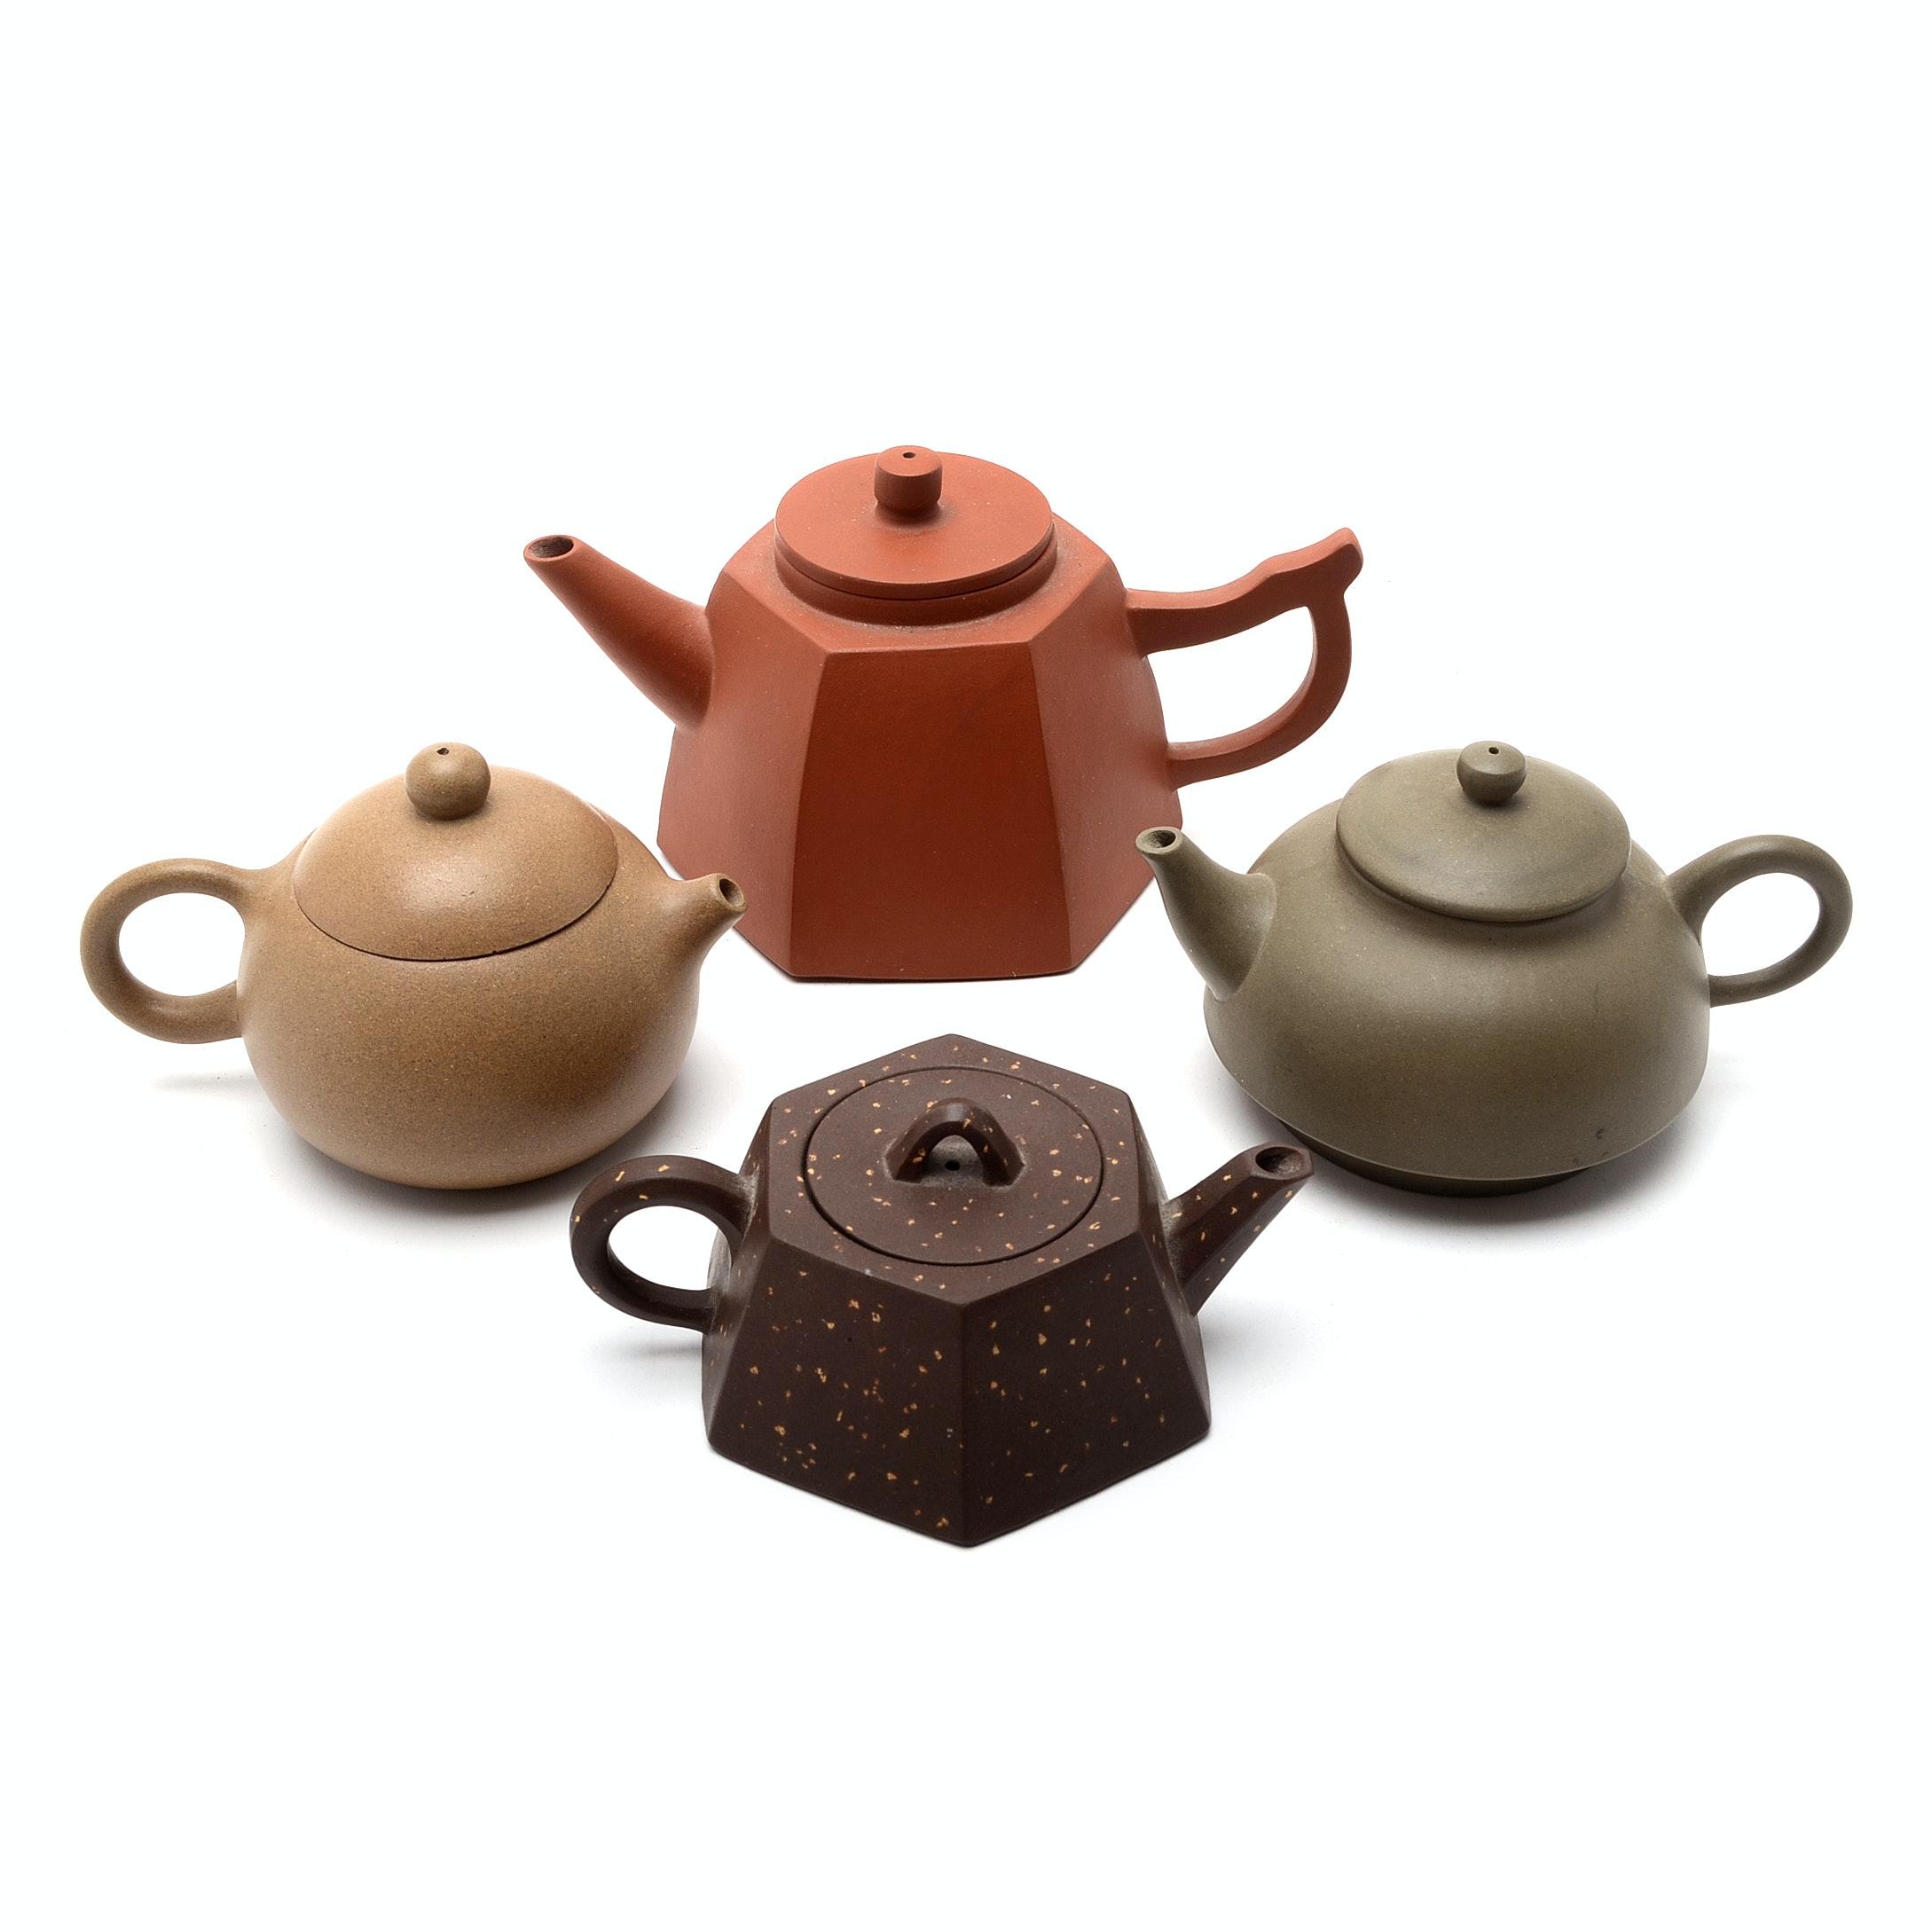 Four Yi Xing Clay Teapots